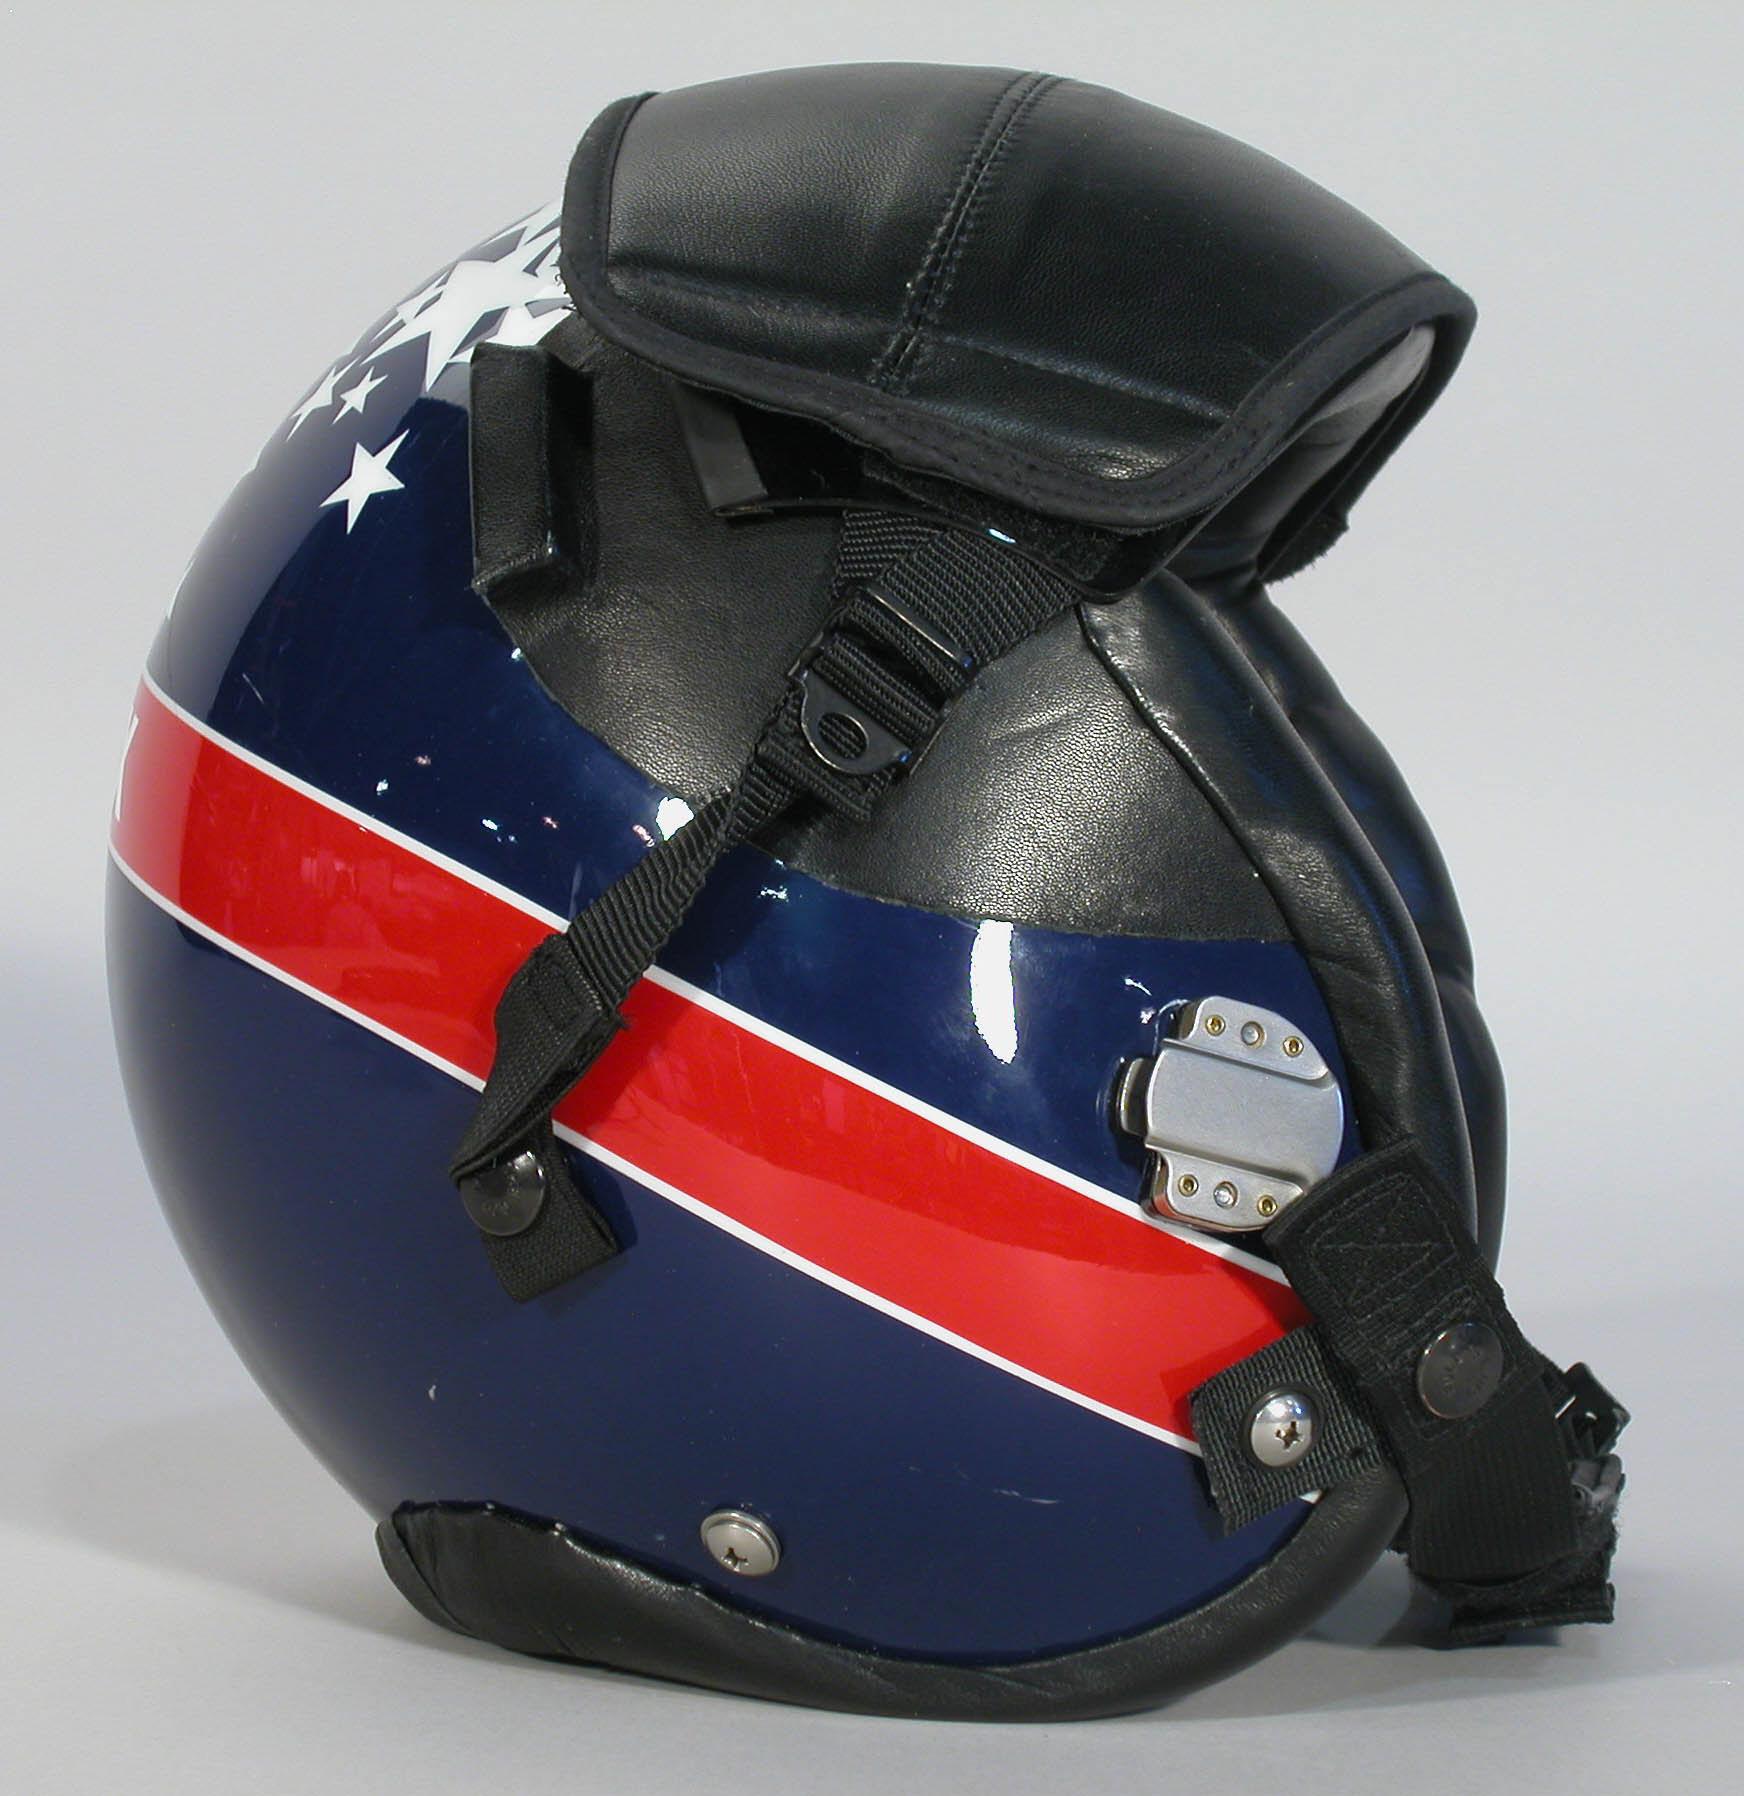 Image of : Helmet, SpaceShipOne, Mike Melvill